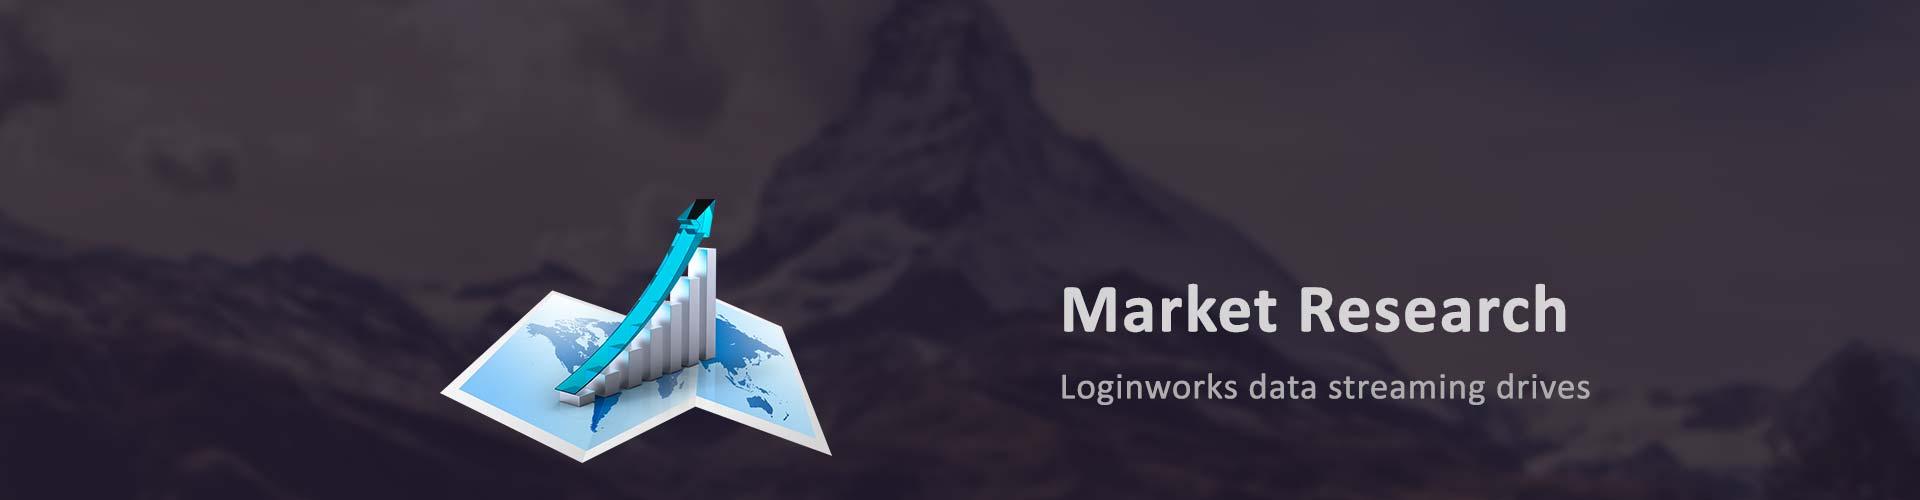 market-research-loginworks